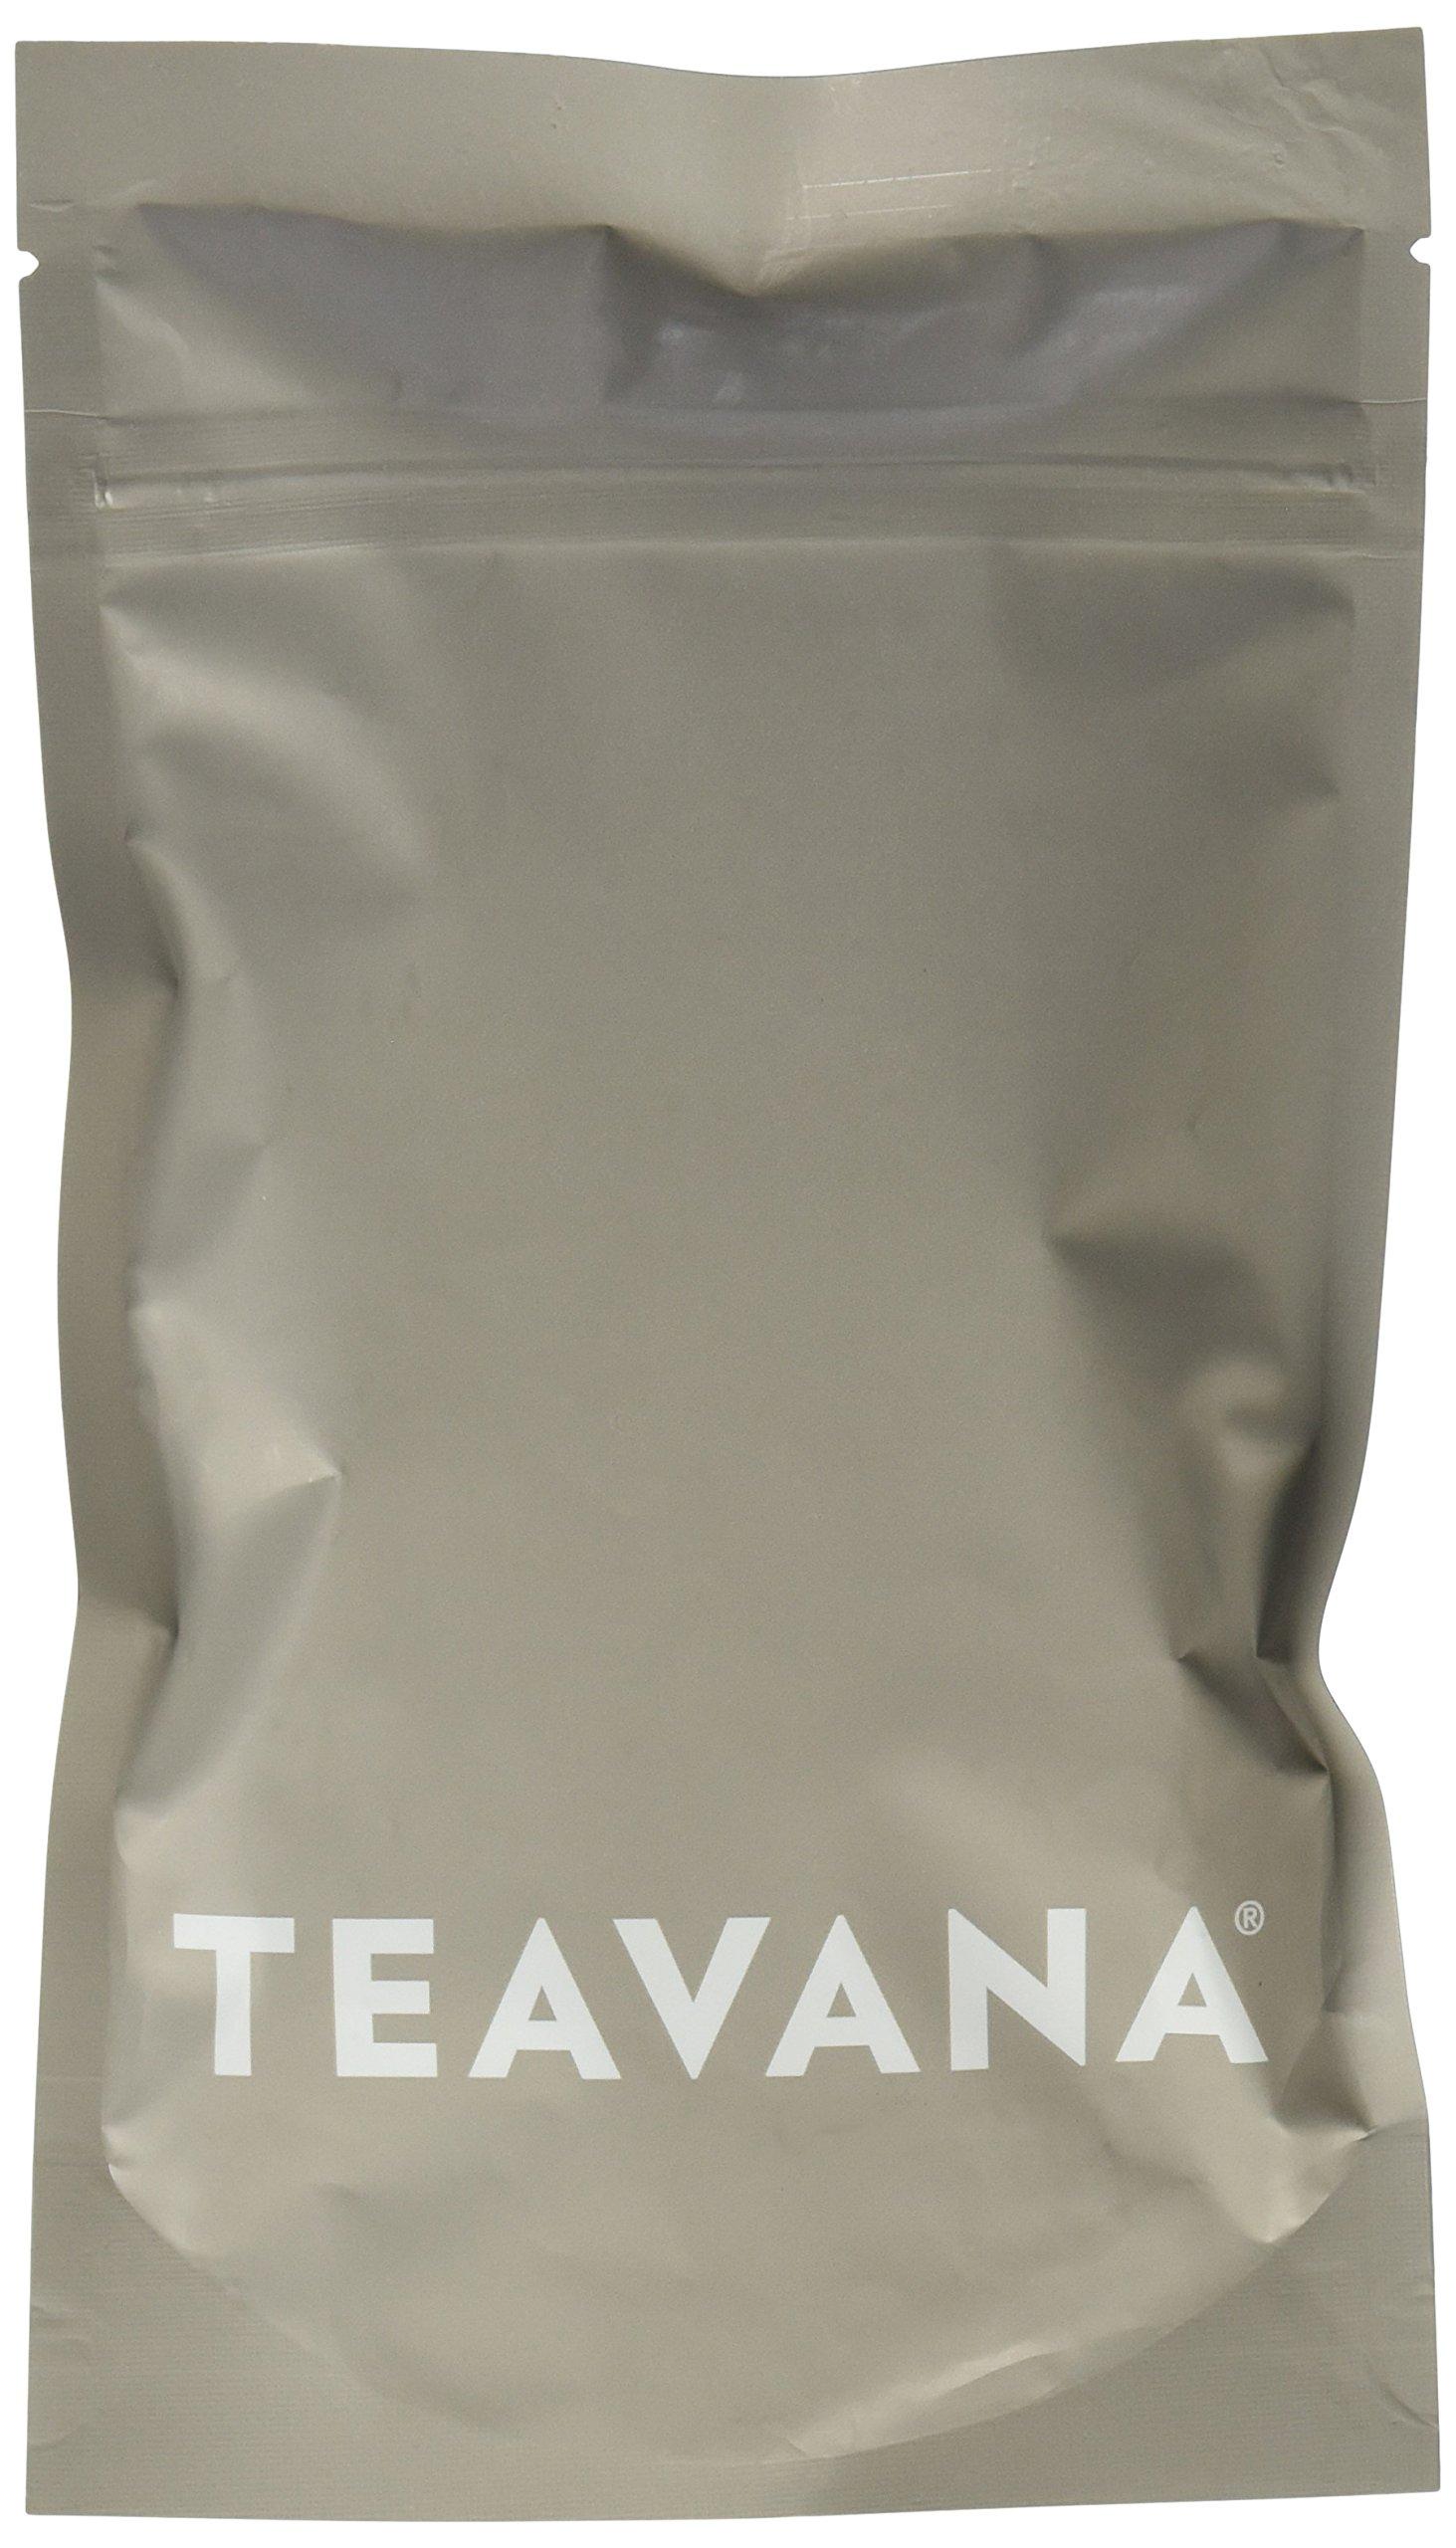 Teavana Jade Citrus Mint Loose-Leaf Green Tea, 2oz by Teavana